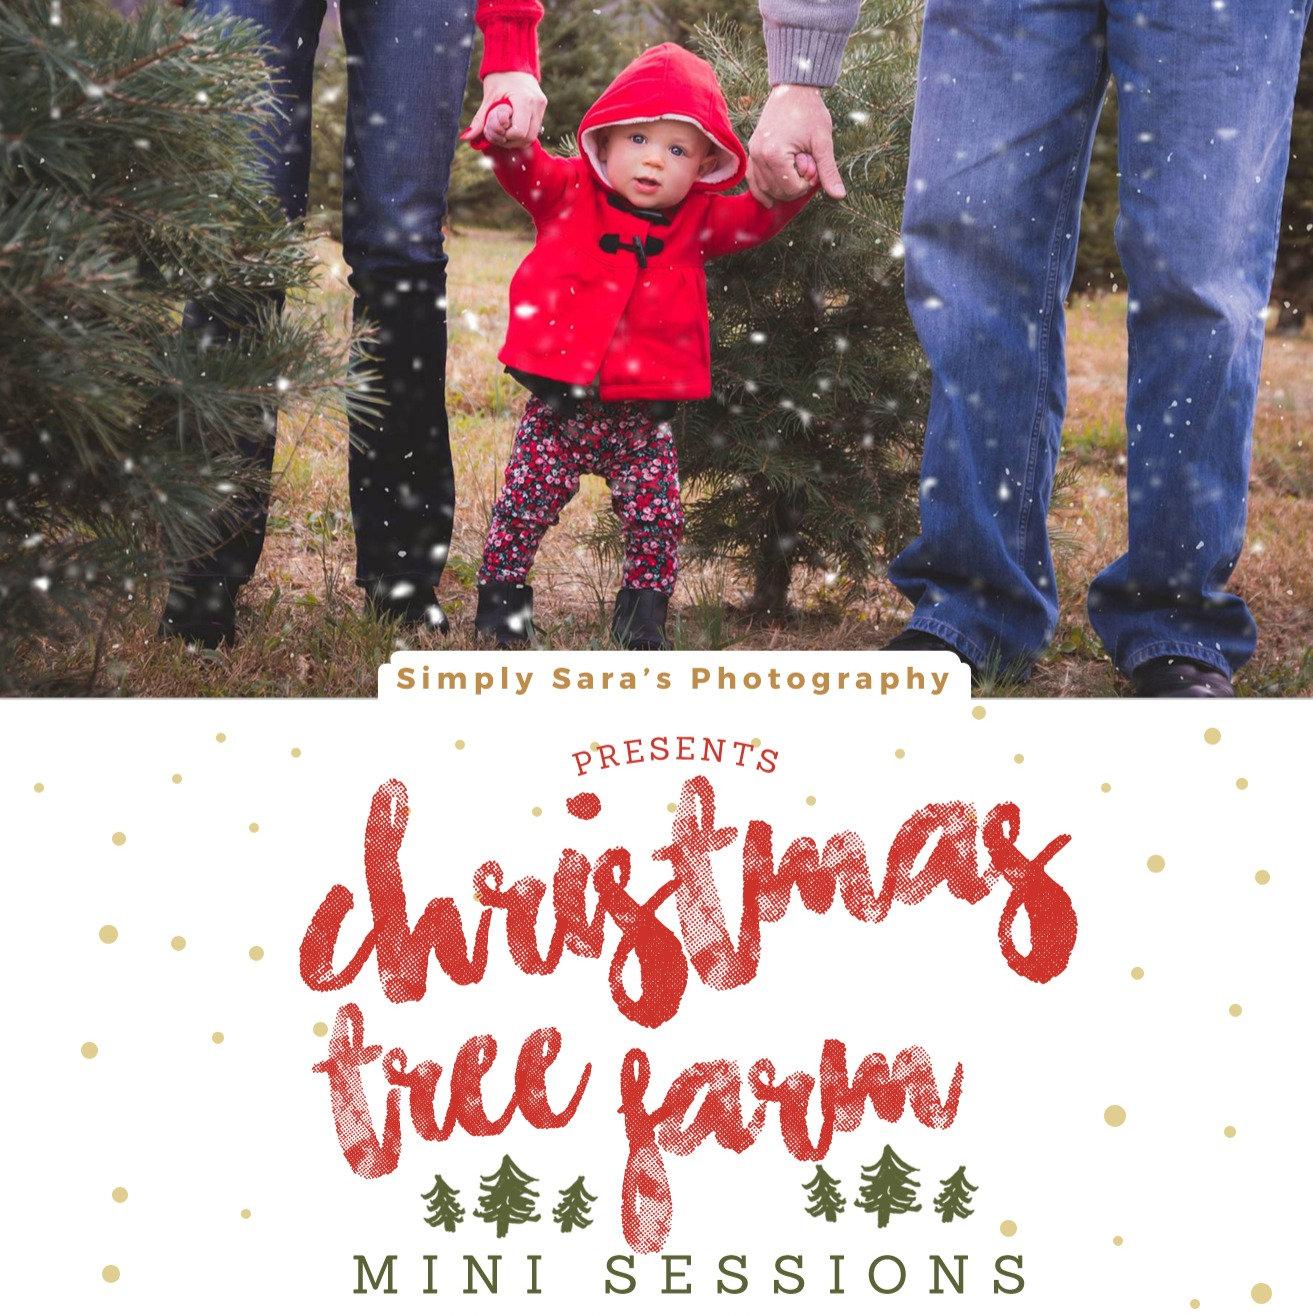 Christmas Tree Farm Mini Sessions 11/28